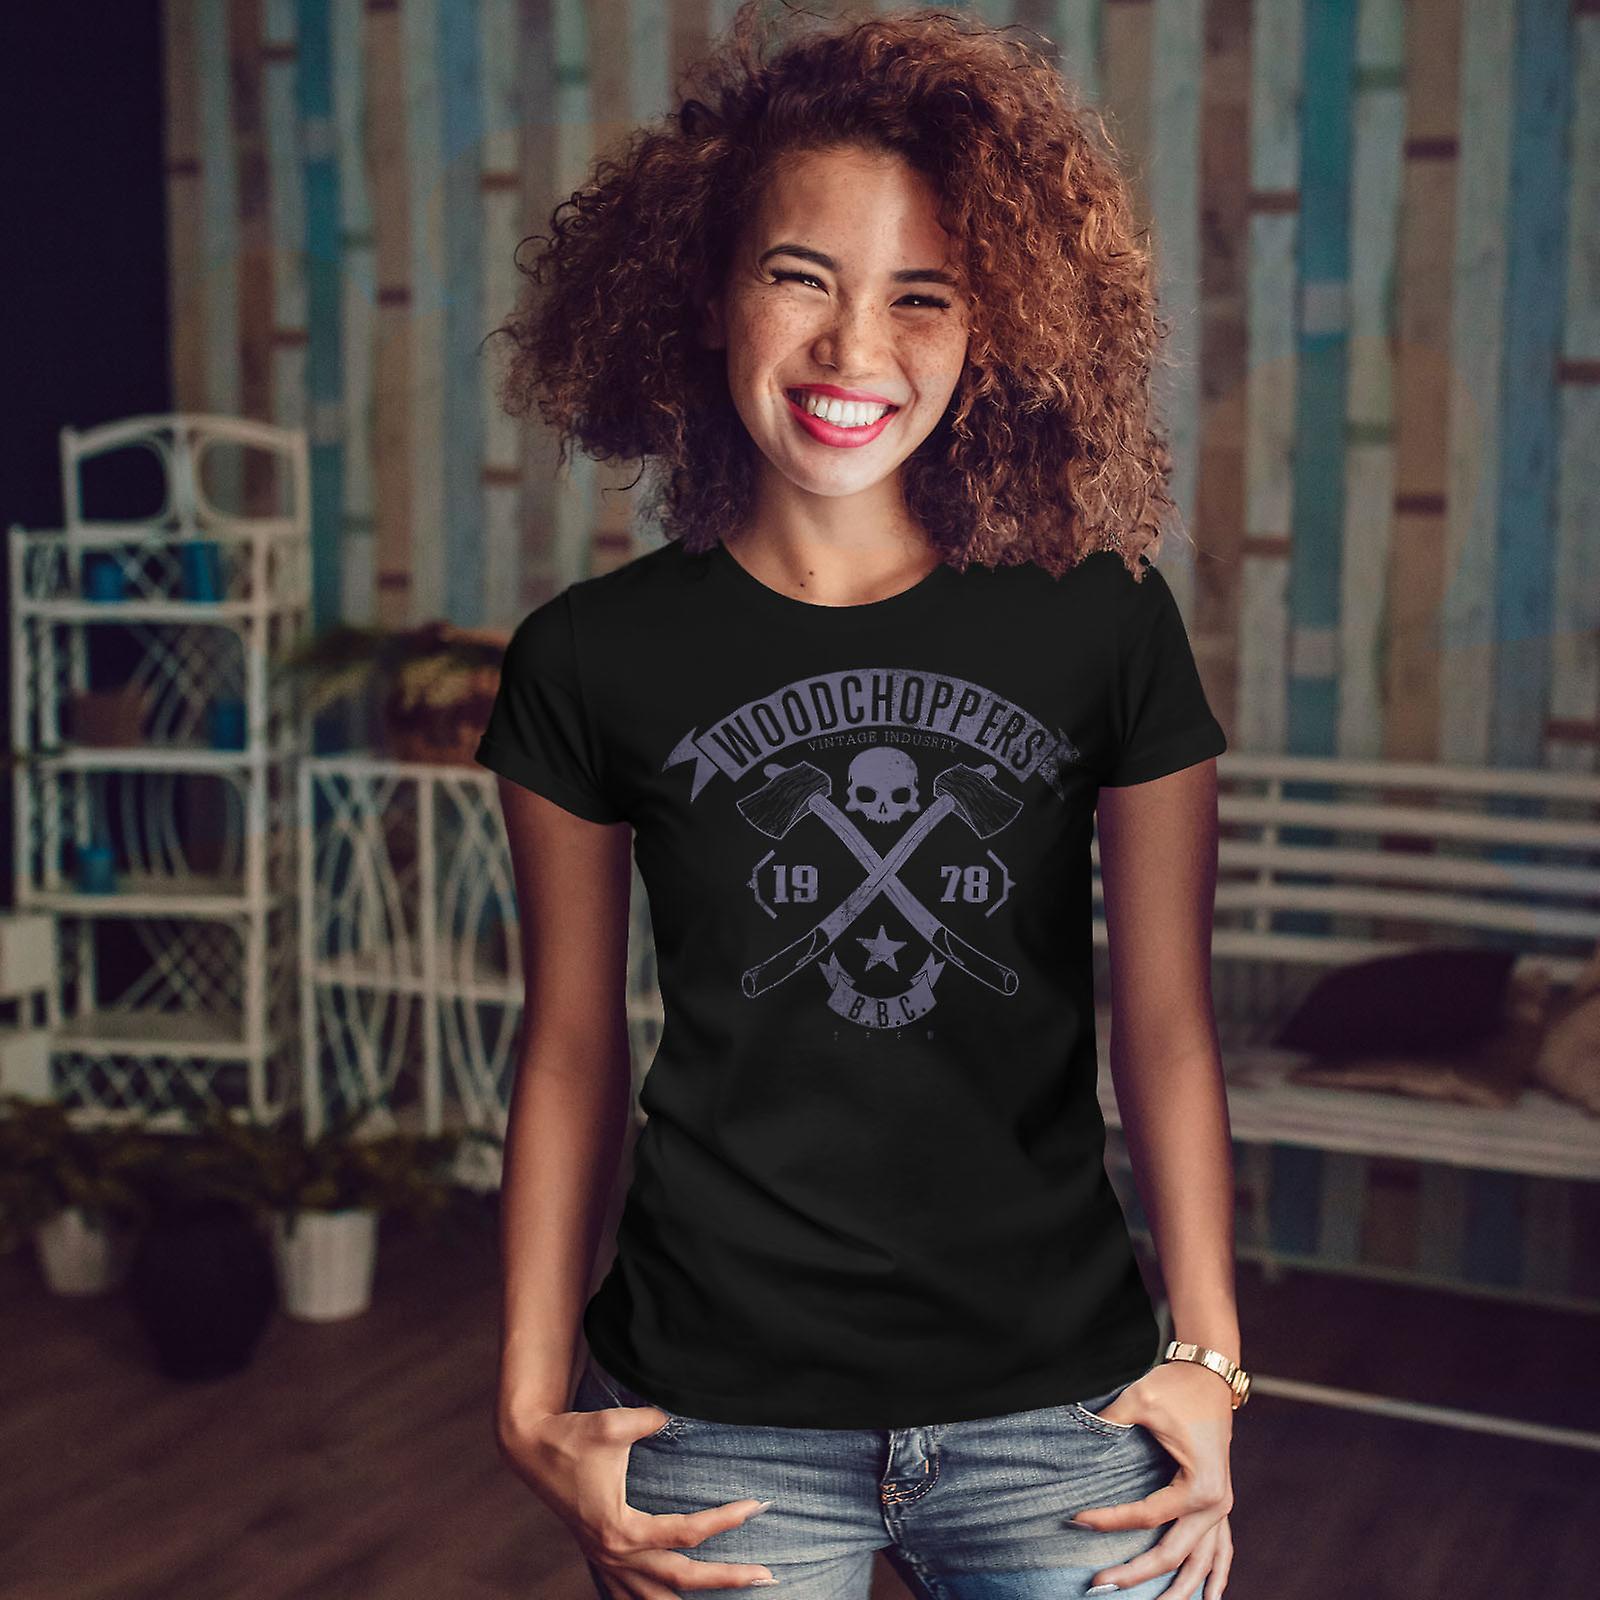 Woodchoppers Club Women BlackT-shirt | Wellcoda